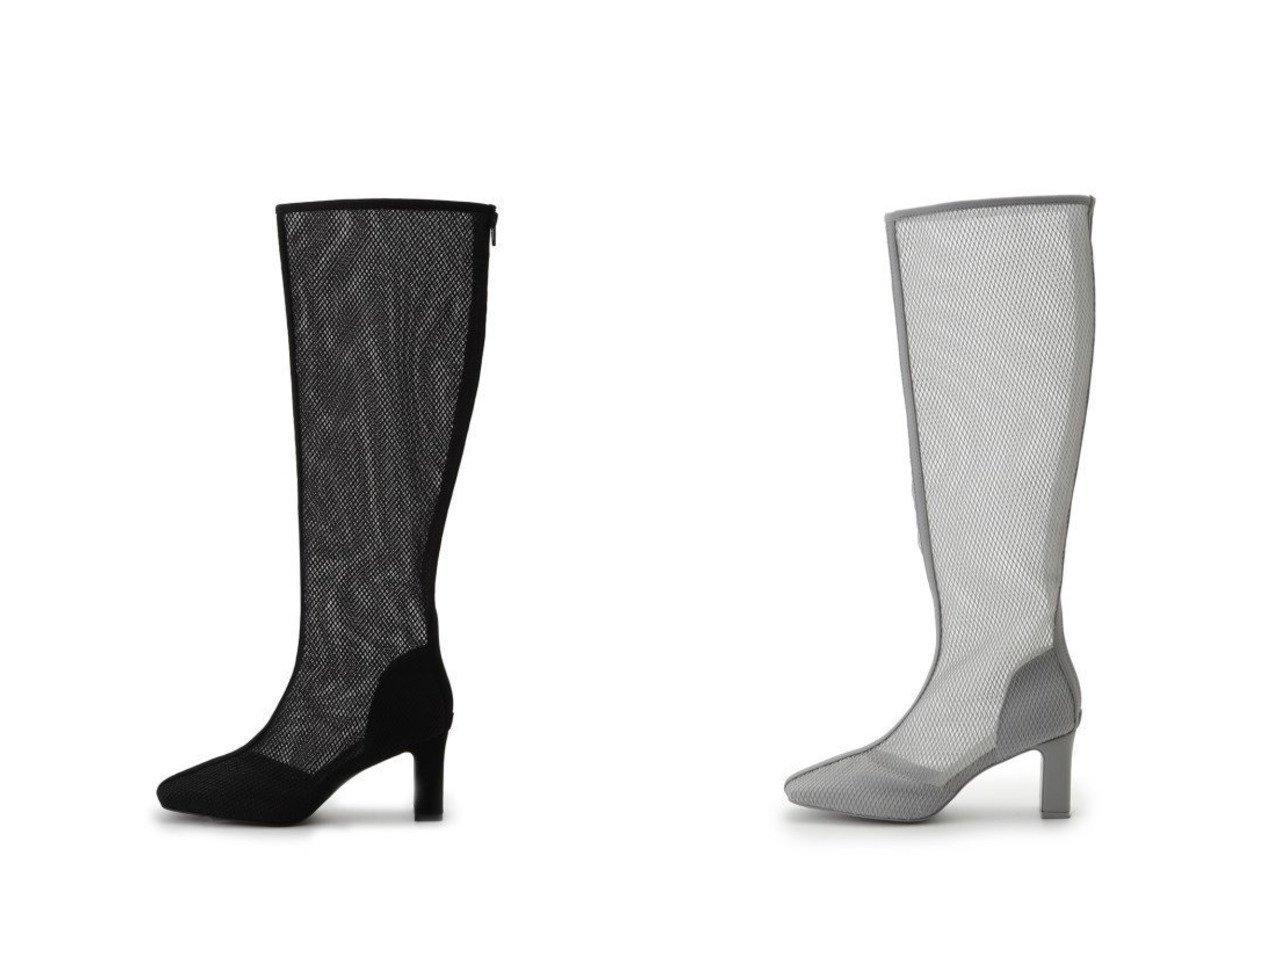 【SNIDEL/スナイデル】のメッシュロングブーツ シューズ・靴のおすすめ!人気、トレンド・レディースファッションの通販 おすすめで人気の流行・トレンド、ファッションの通販商品 メンズファッション・キッズファッション・インテリア・家具・レディースファッション・服の通販 founy(ファニー) https://founy.com/ ファッション Fashion レディースファッション WOMEN エアリー 春 Spring シューズ スクエア スマート センター トレンド 人気 バランス ベーシック メッシュ ロング A/W 秋冬 AW Autumn/Winter / FW Fall-Winter おすすめ Recommend  ID:crp329100000024761